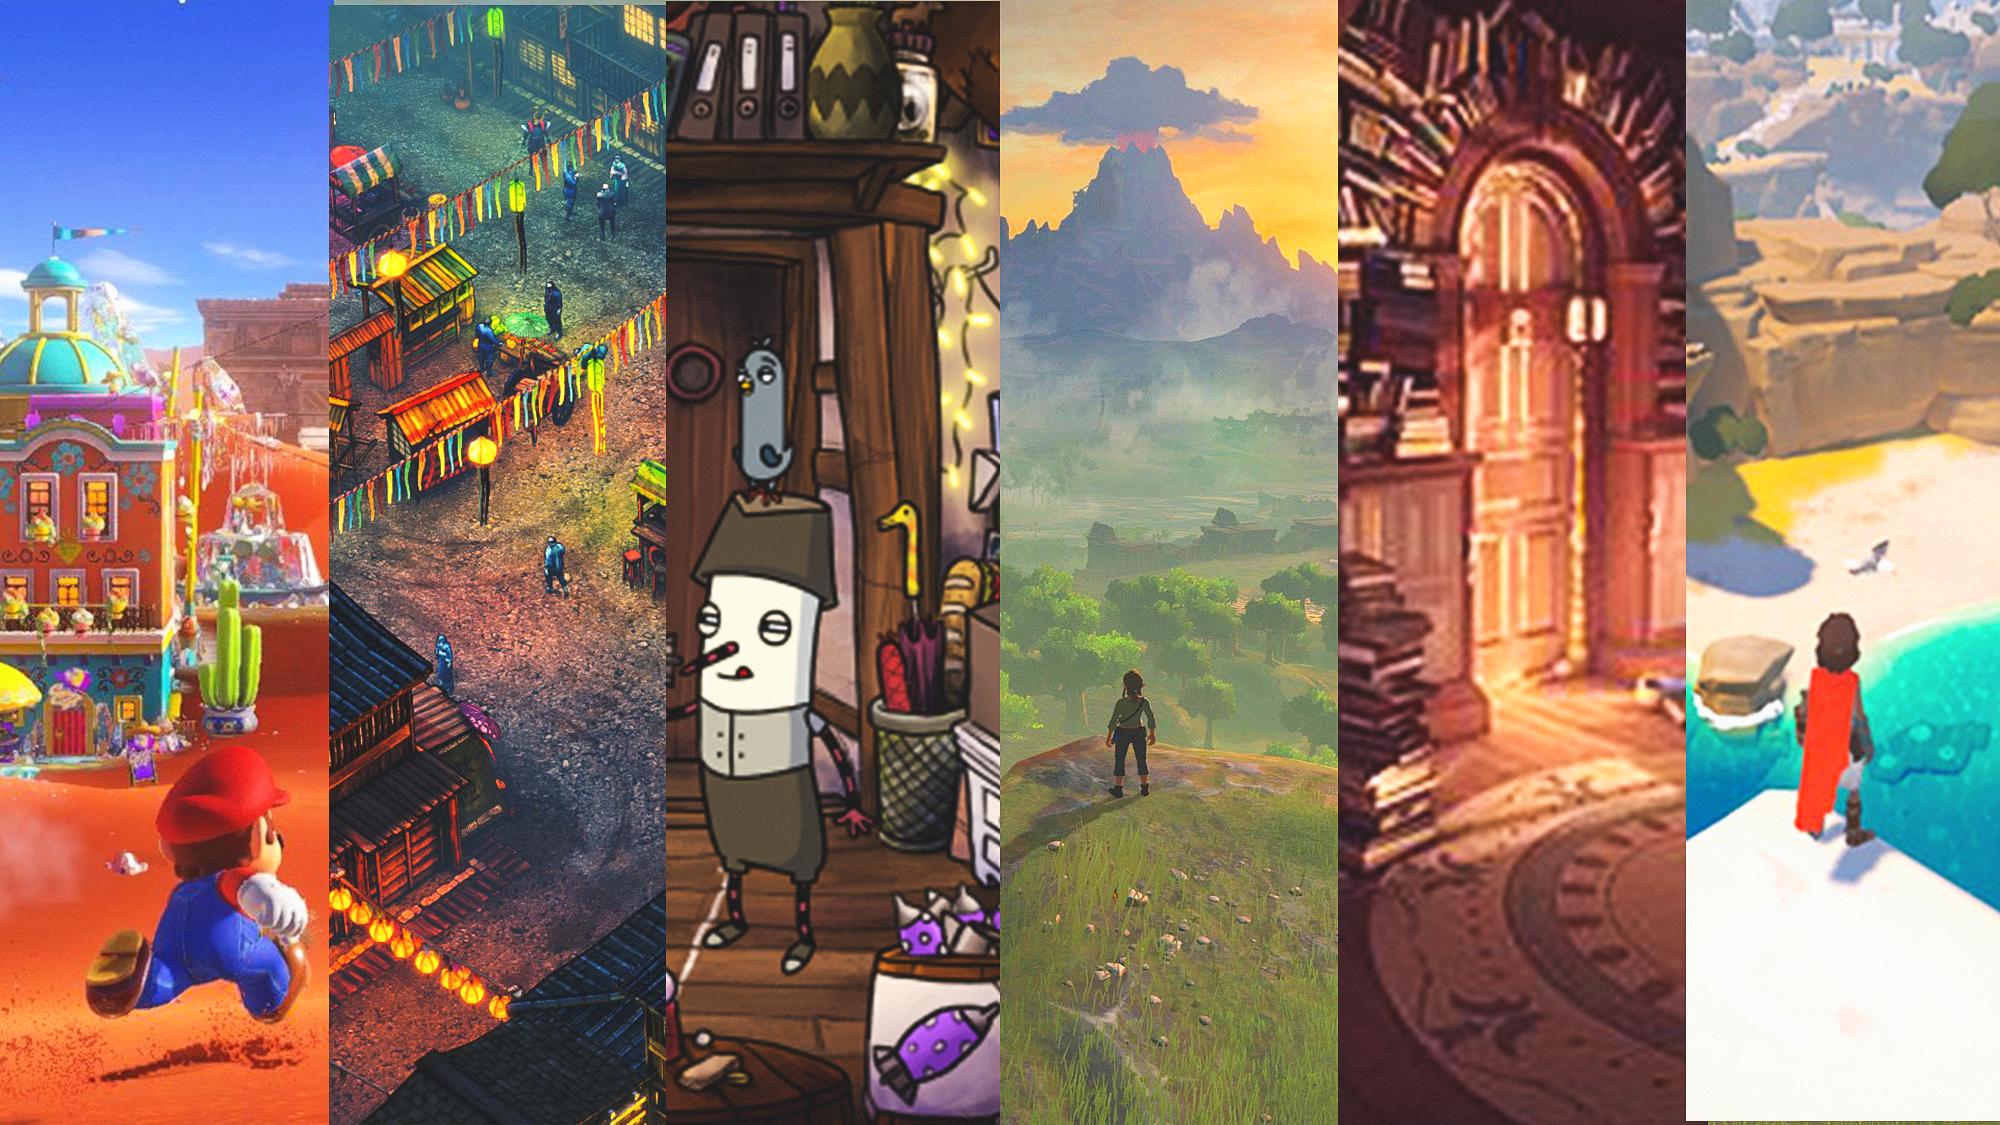 Die 5 besten Spiele 2017 – Blast from the Past